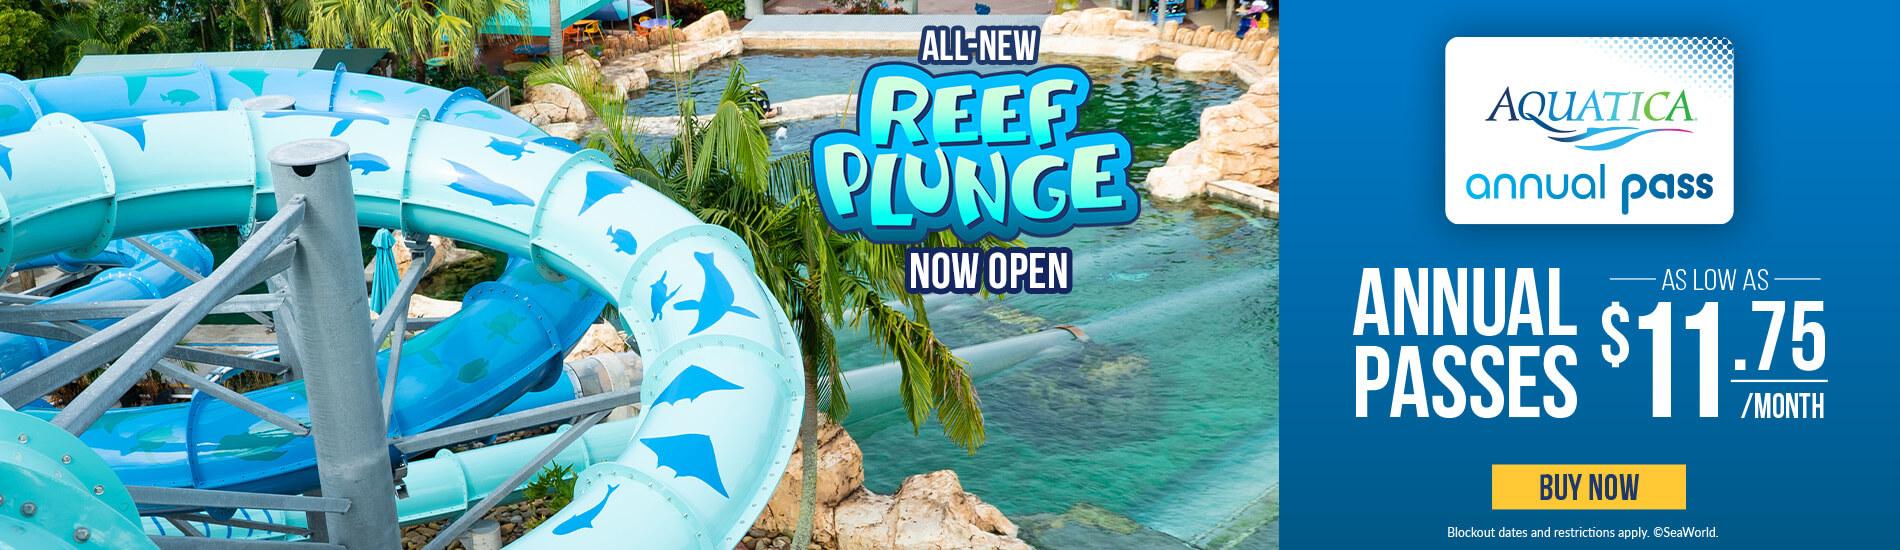 Aquatica Orlando Annual Passes